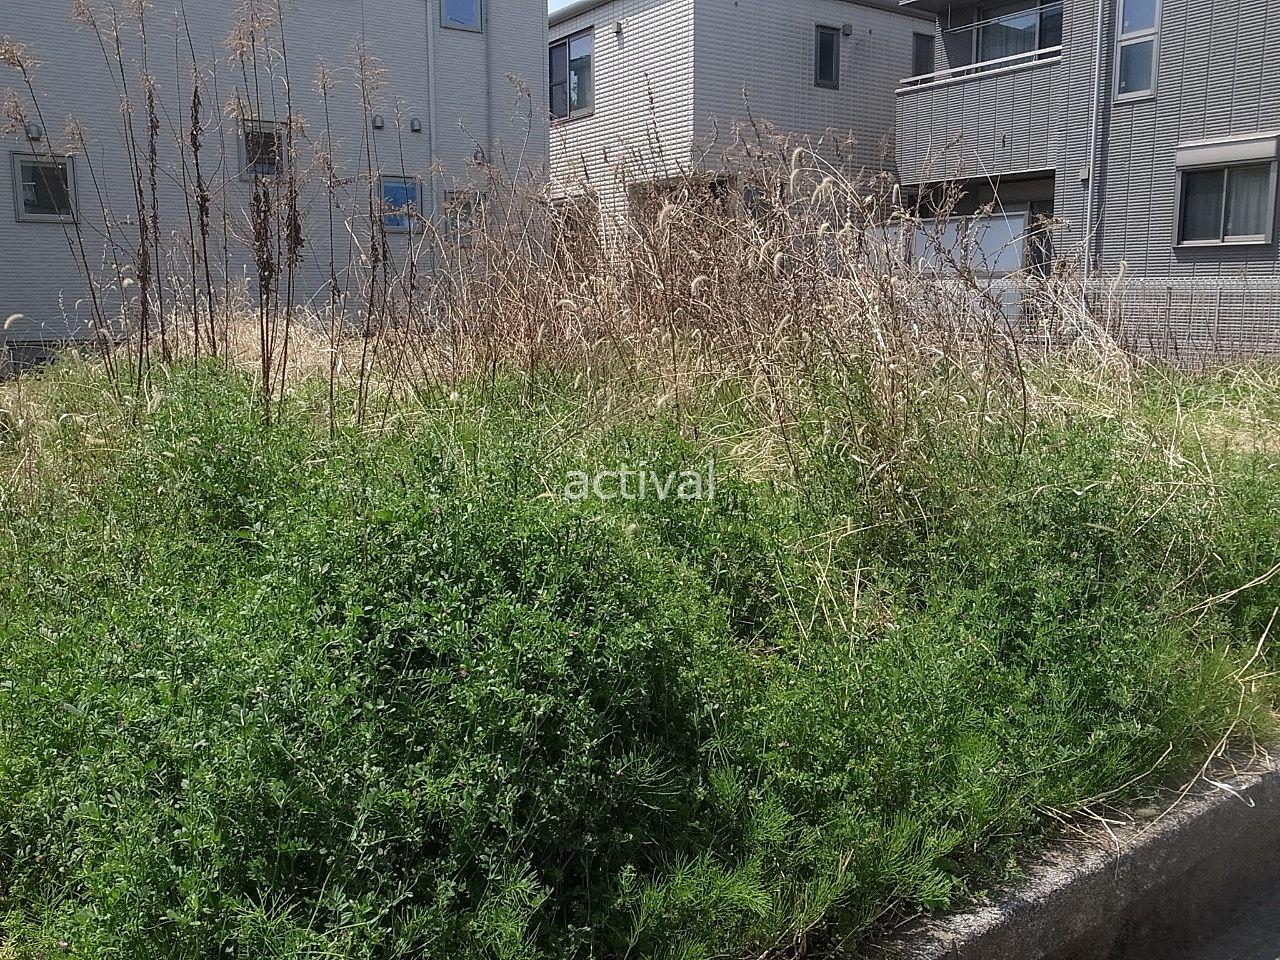 4月は空地に草が伸び放題となっていました。